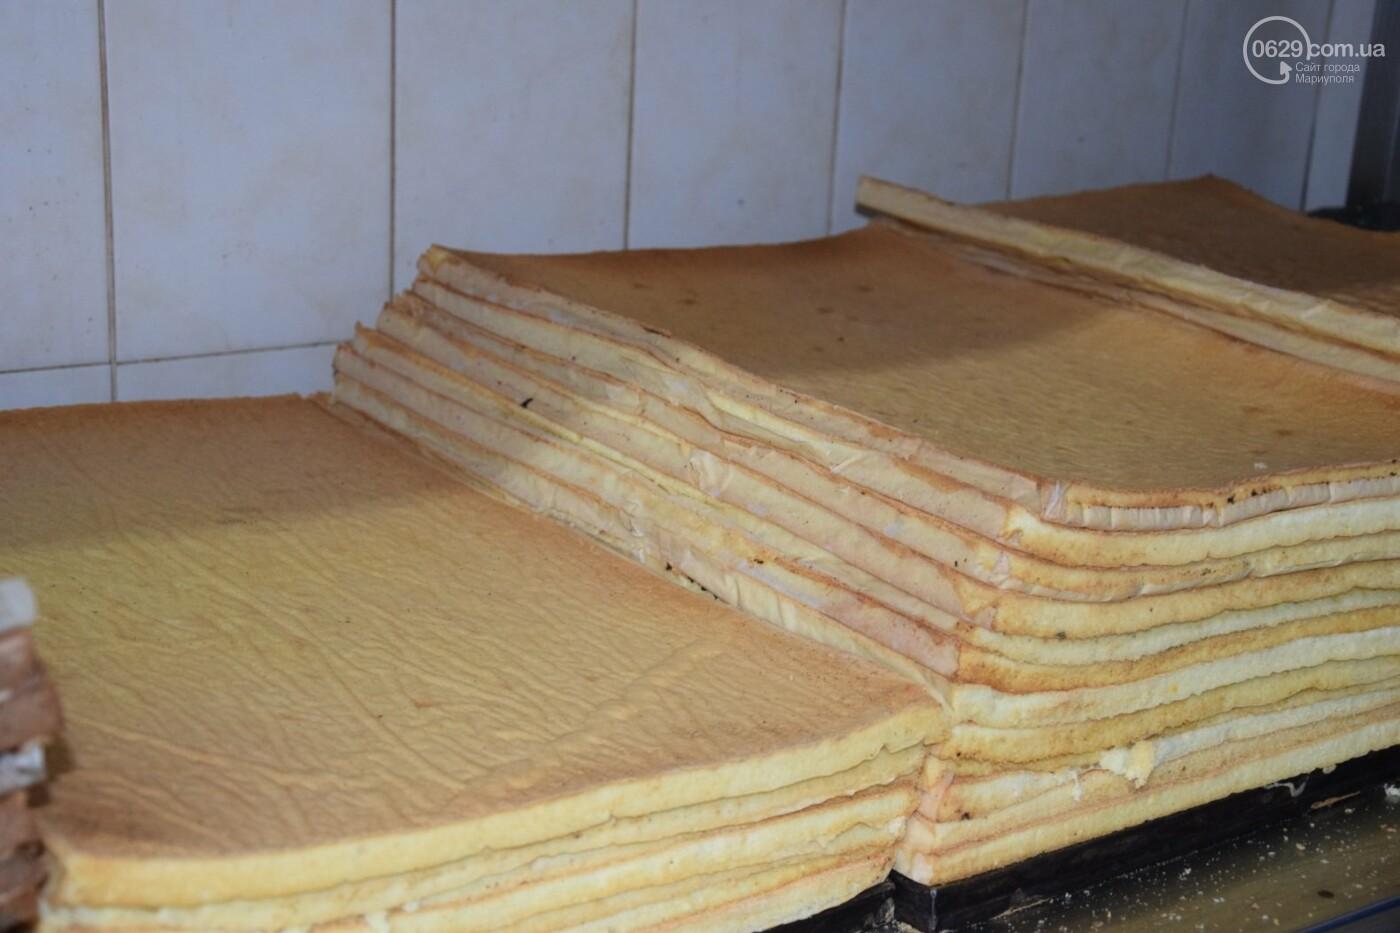 «Как это сделано»:  репортаж из кондитерского цеха в Мариуполе, - ФОТО, фото-5